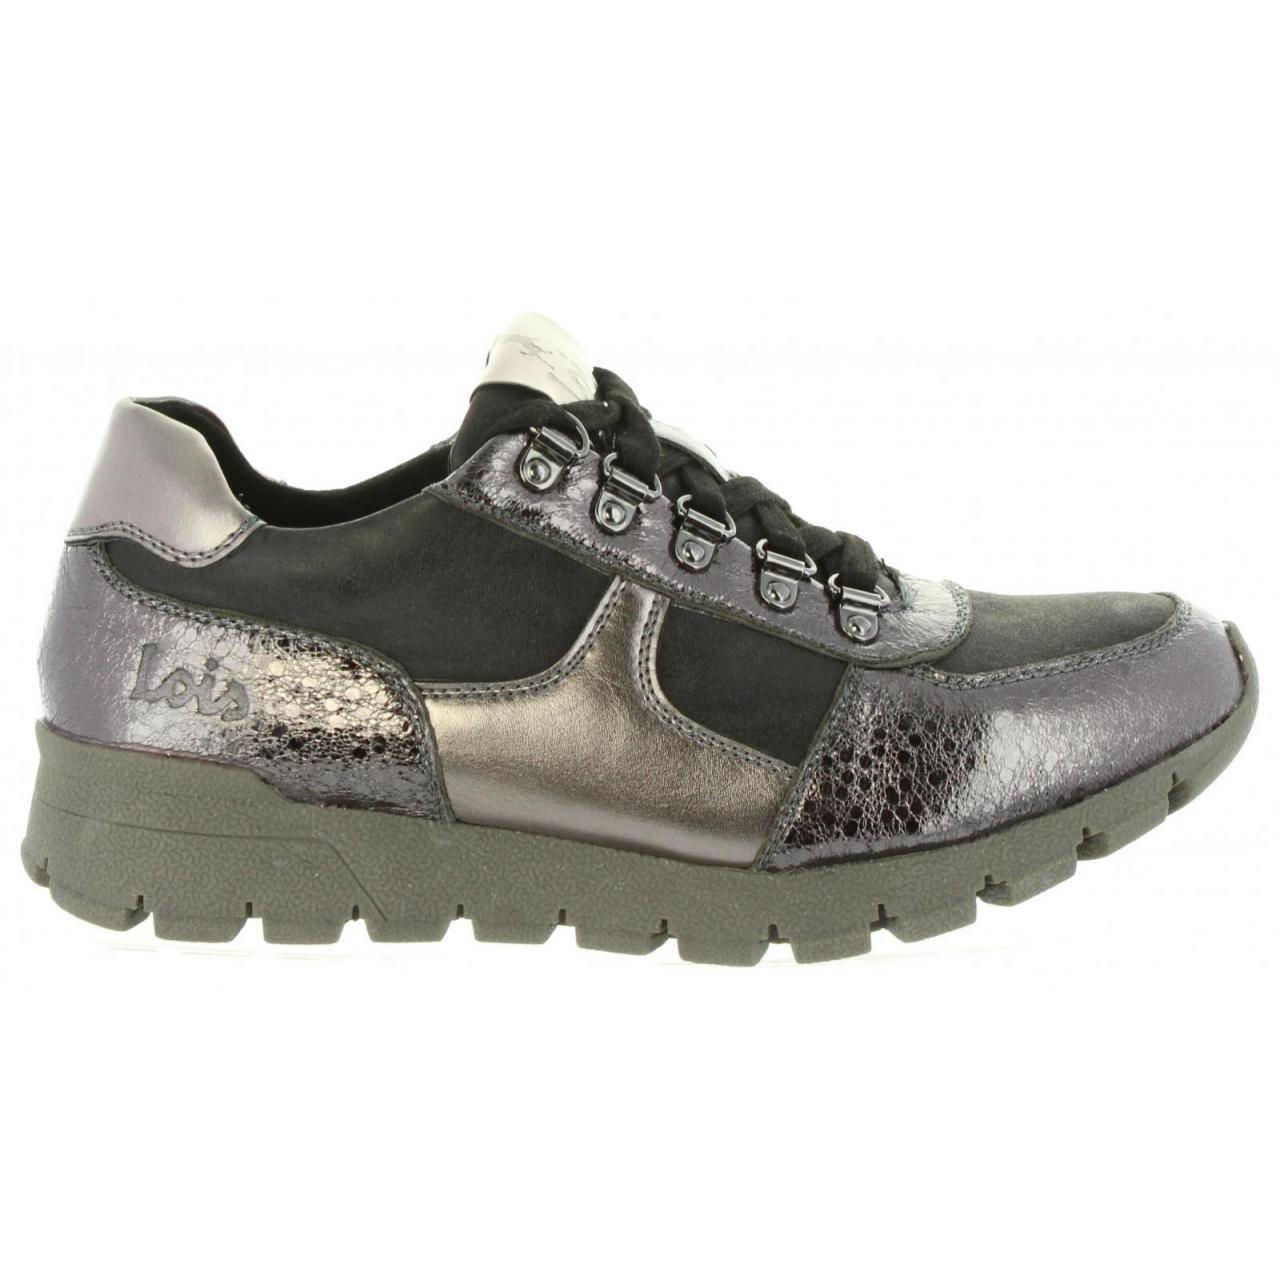 Zapatillas Deporte de Mujer LOIS JEANS 85234 300 Silver: Amazon.es: Zapatos y complementos